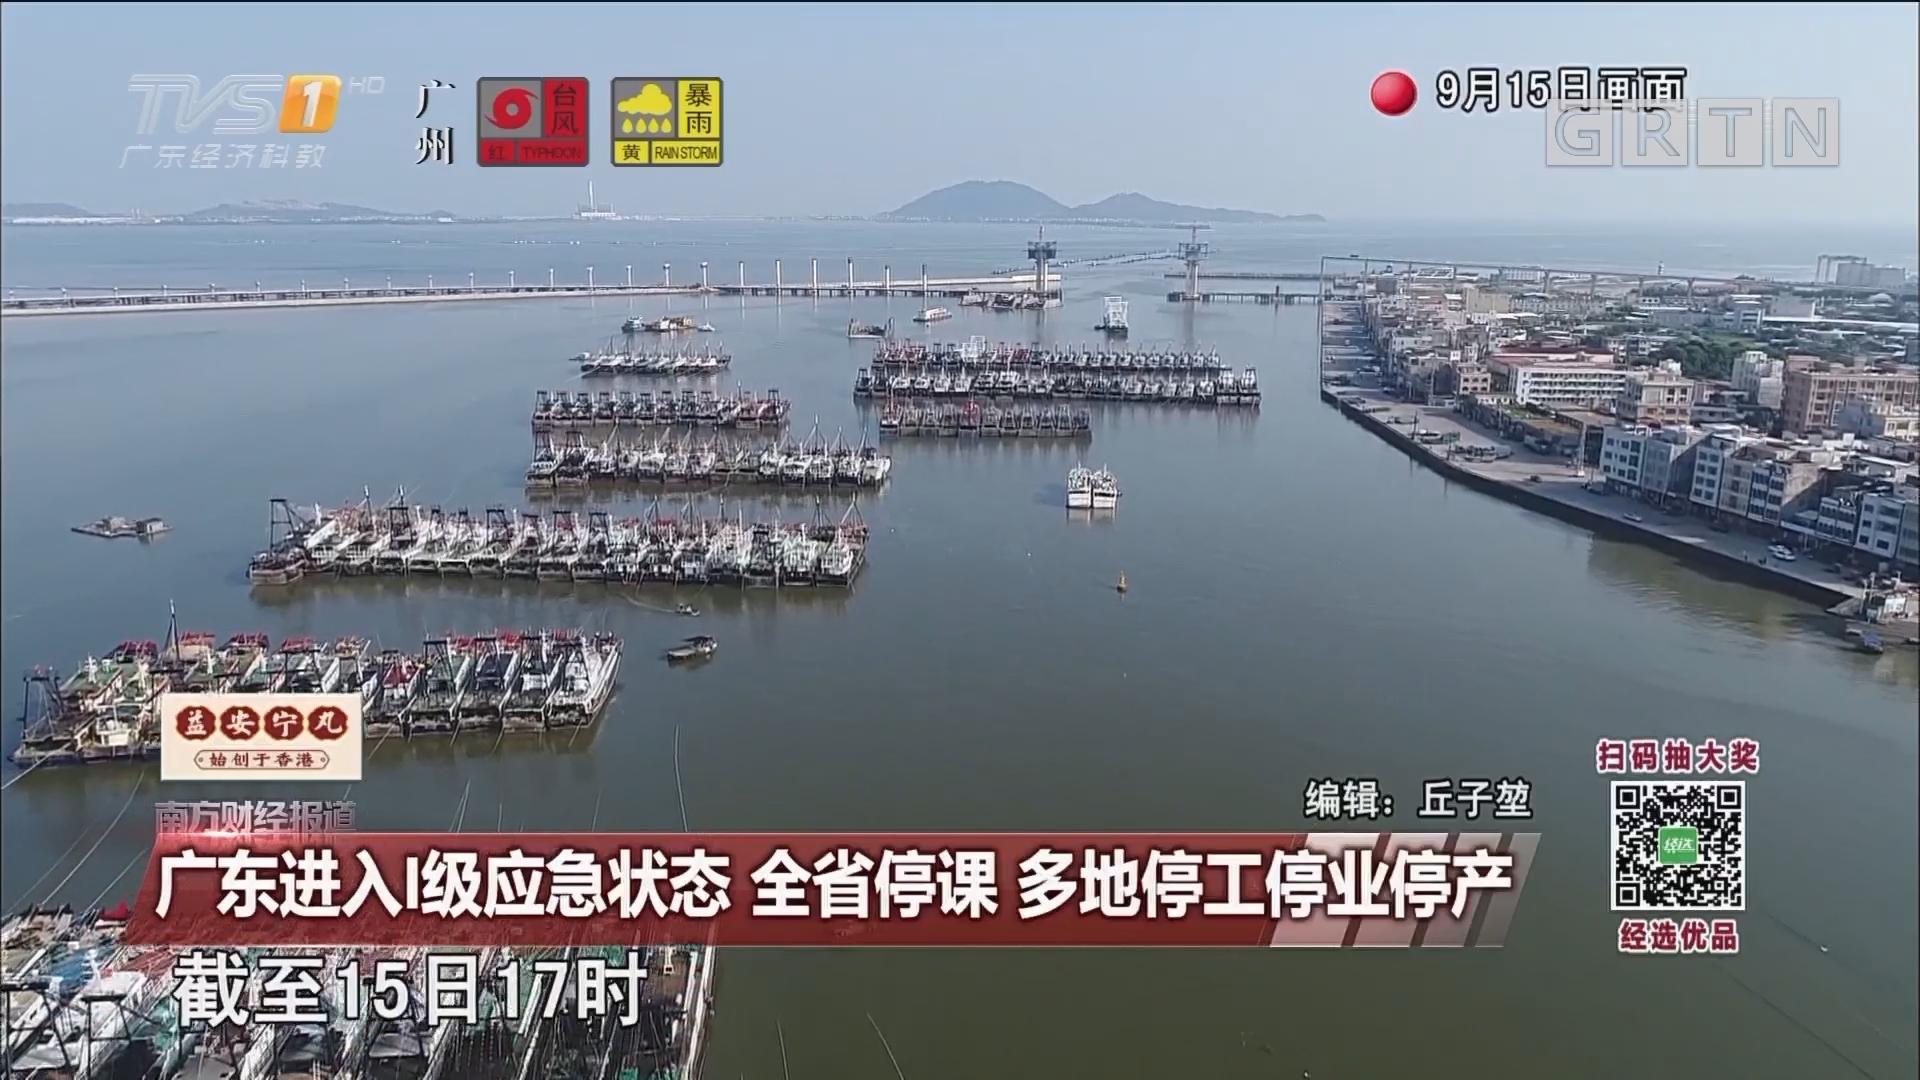 广东进入Ⅰ级应急状态 全省停课 多地停工停业停产